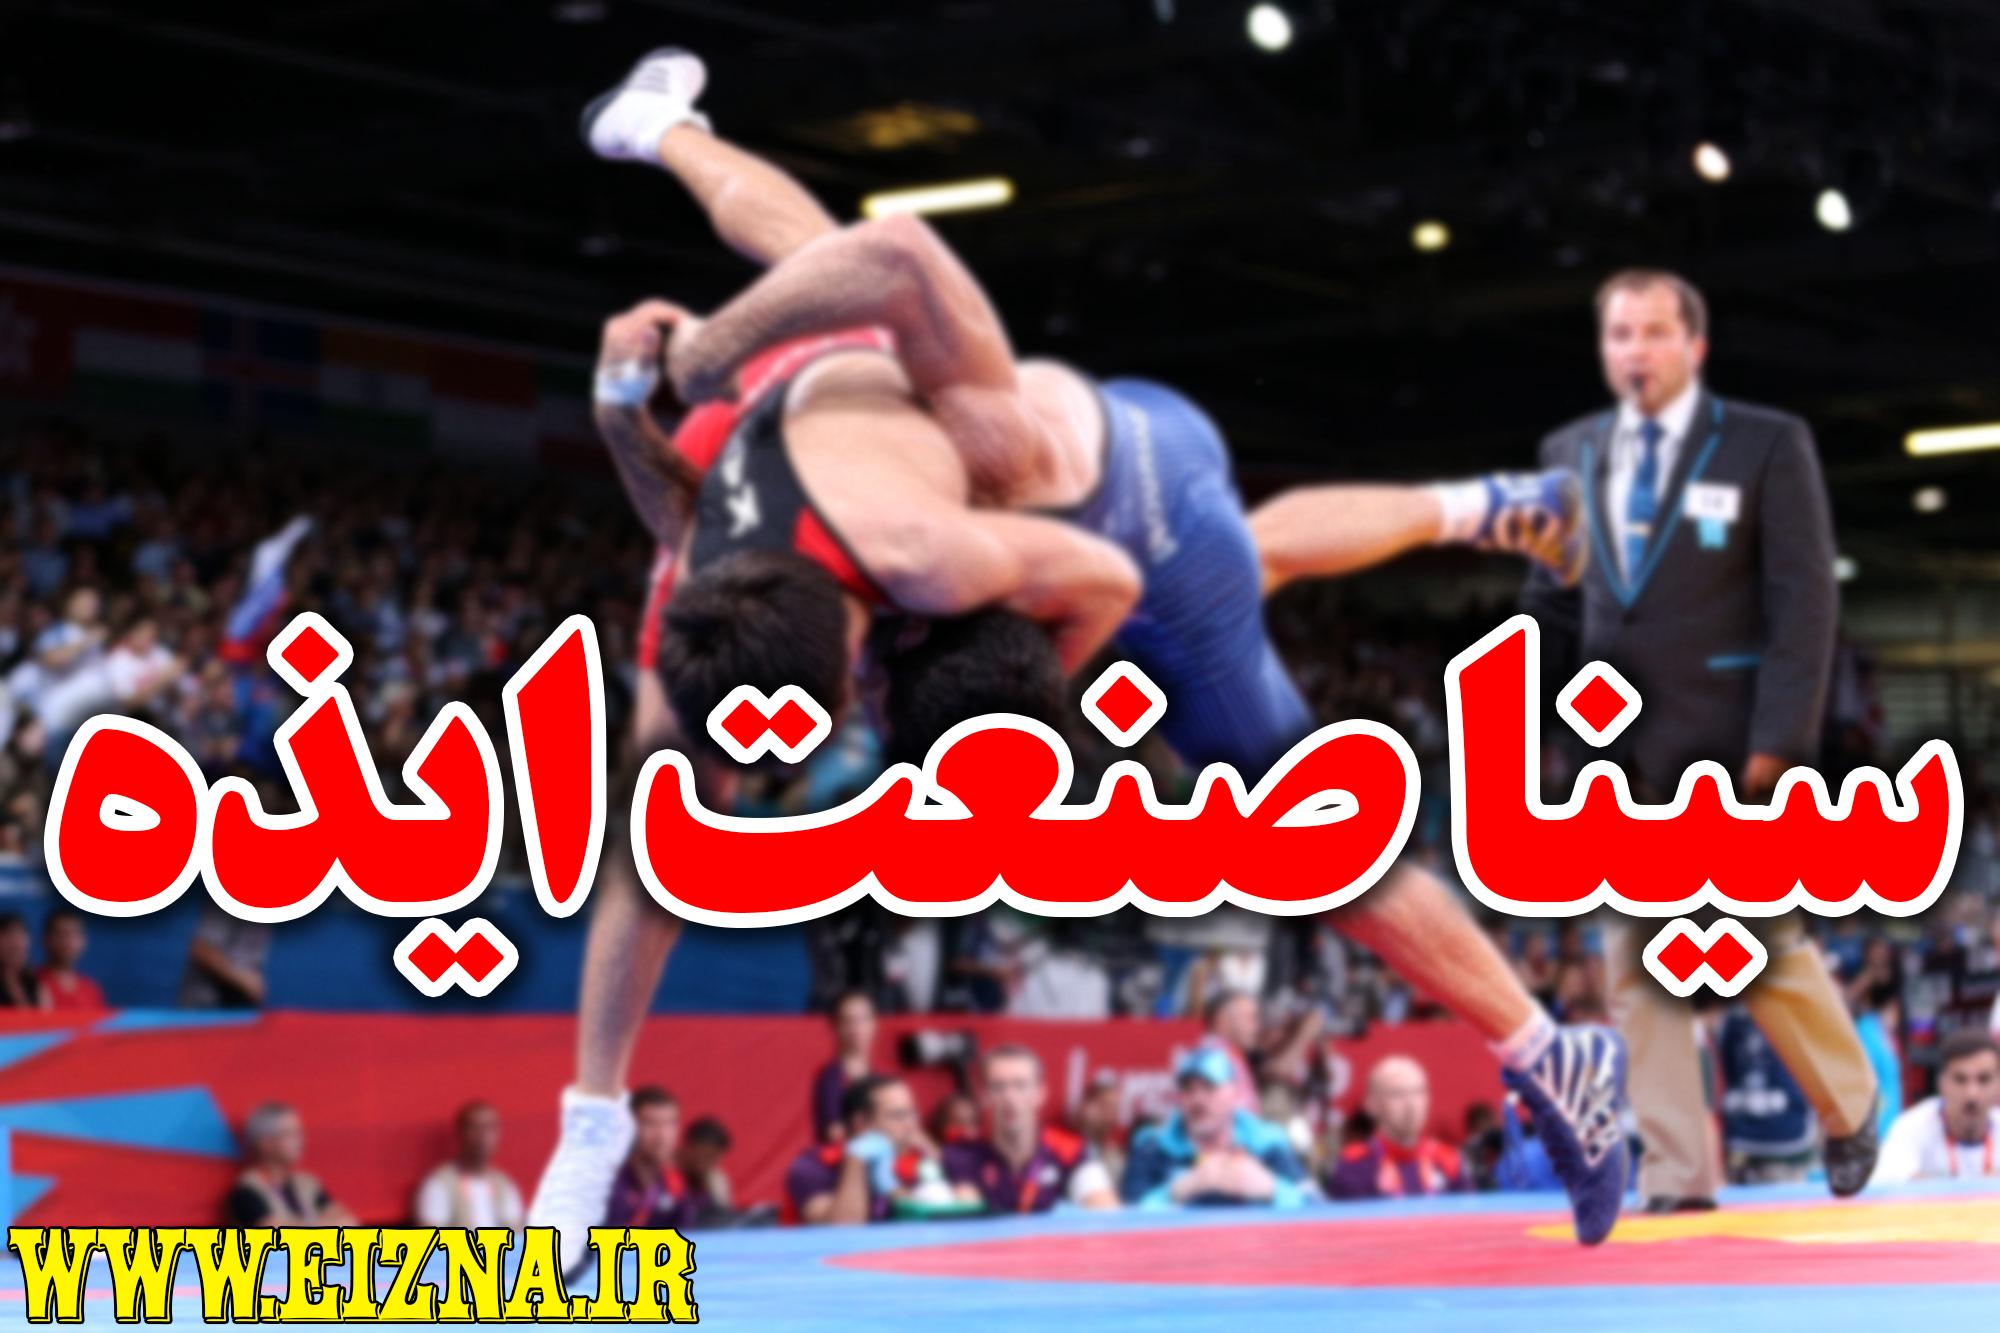 سینا صنعت در شیراز به مصاف یاران امید نوروزی میرود/دوئل قهرمان جهان و یار المپیکی در هوای مردادی